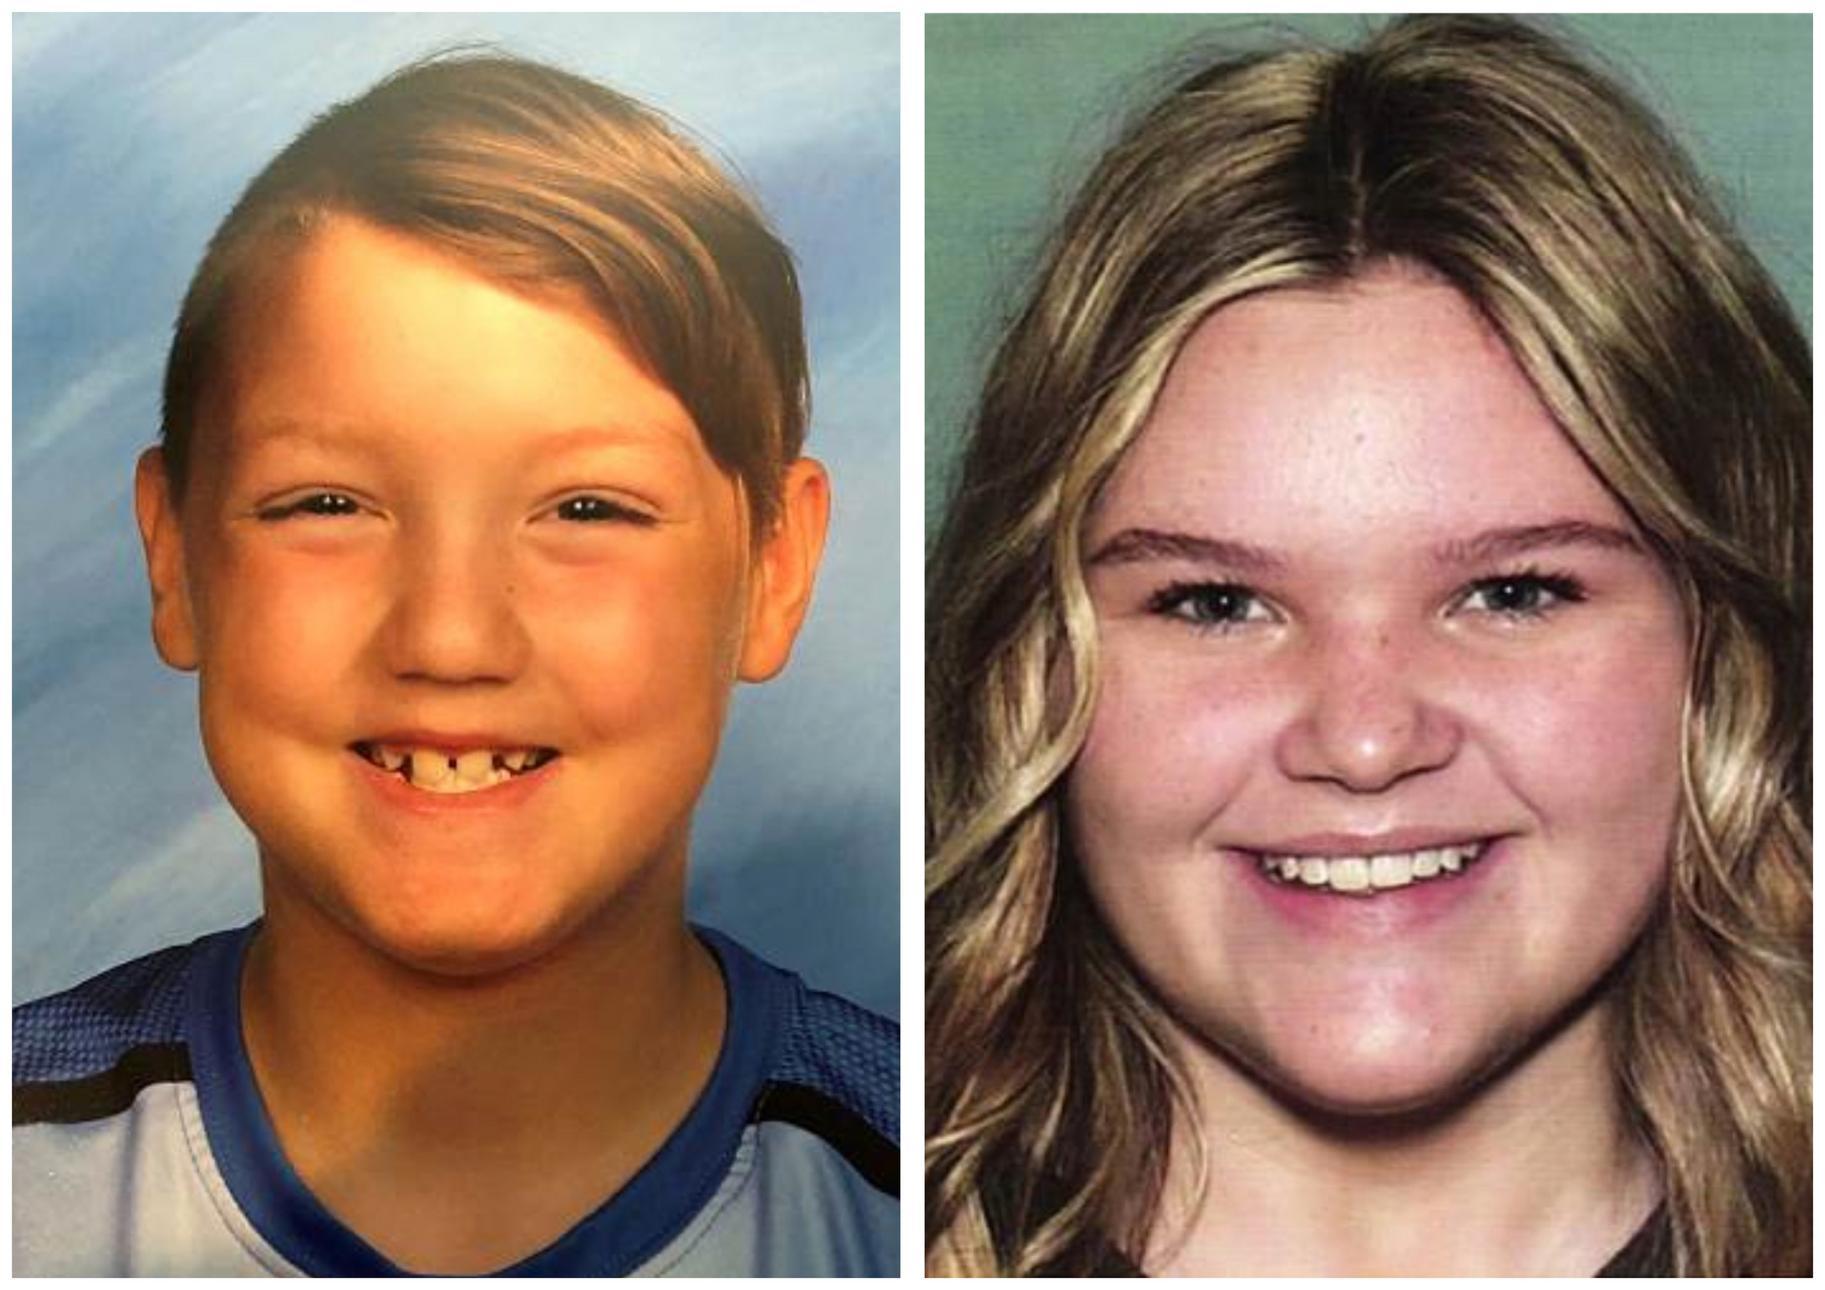 Les autoritats poden cercar a Yellowstone Park per un dels nens desapareguts de l'Idaho al cas Lori Vallow